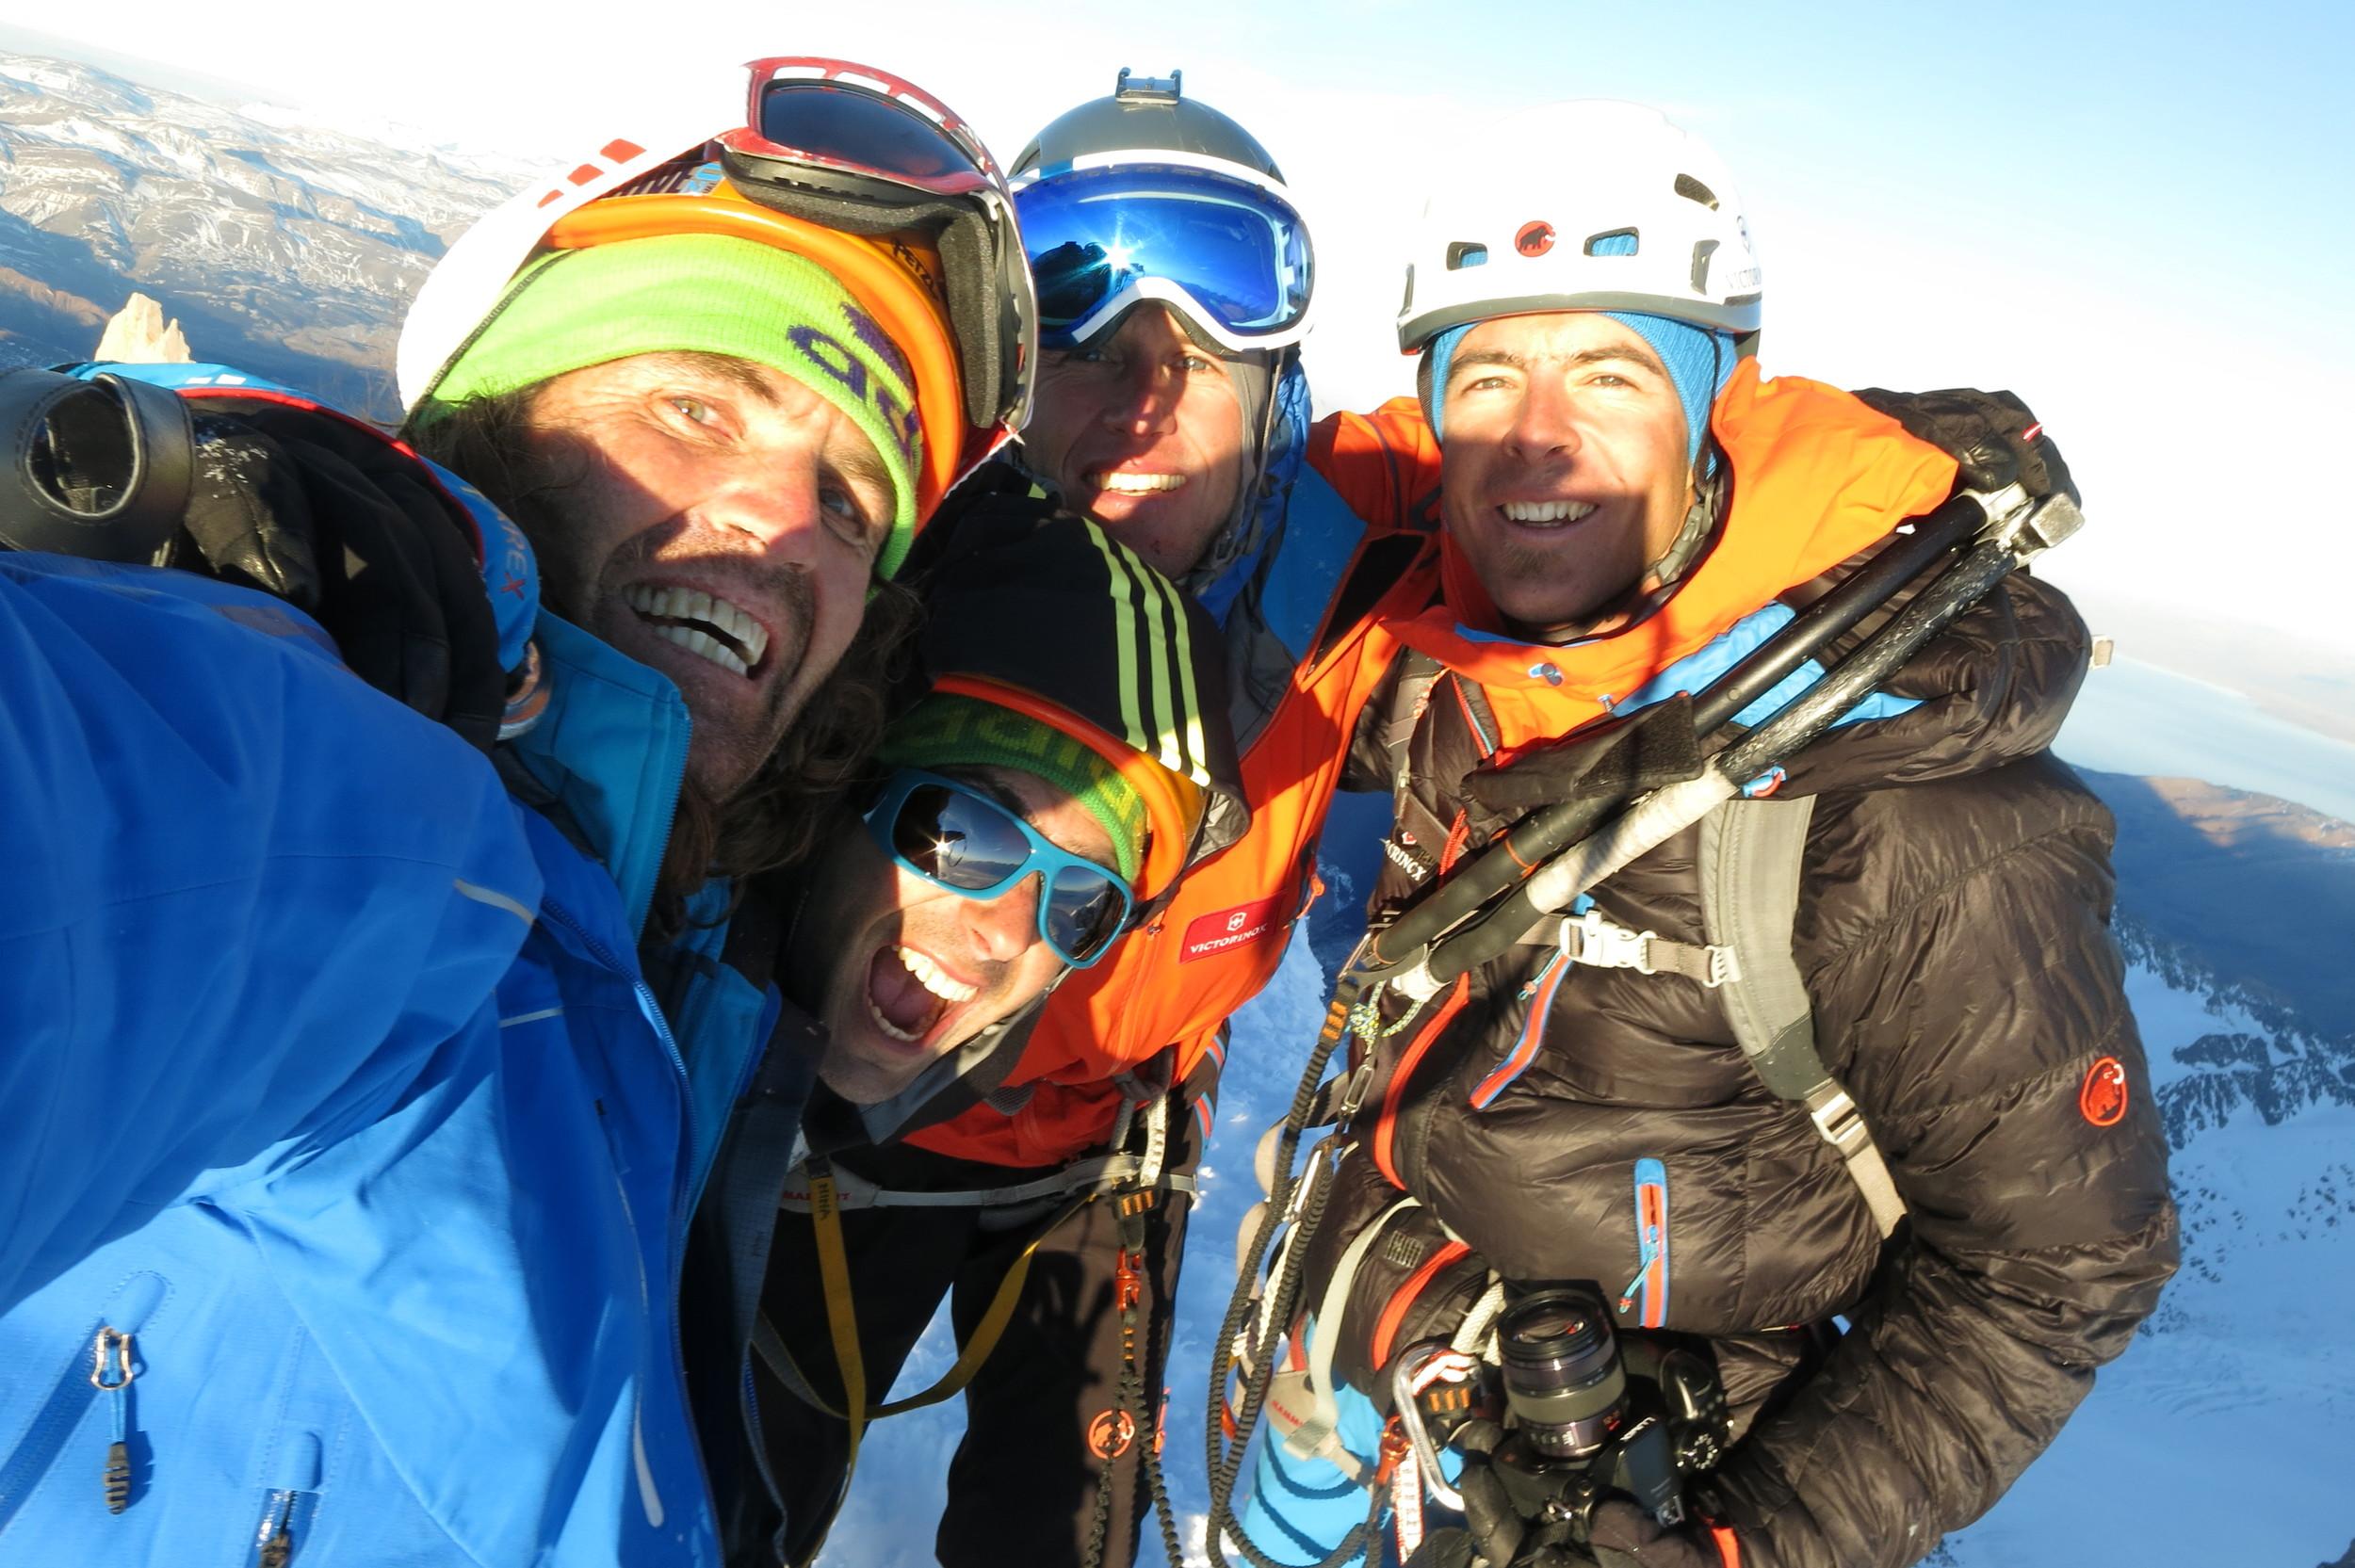 patagonien winter 1 276.JPG